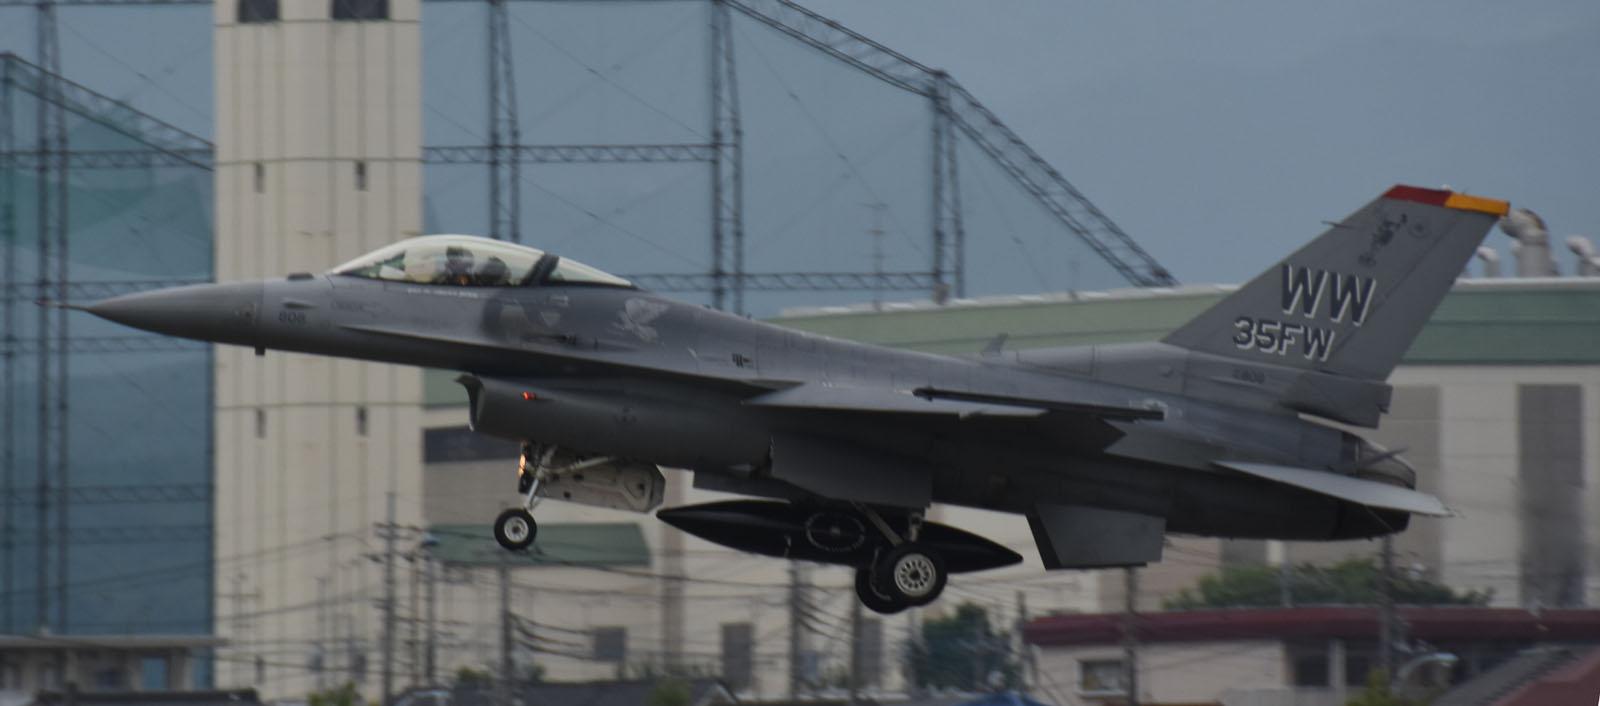 F16cm180531g881